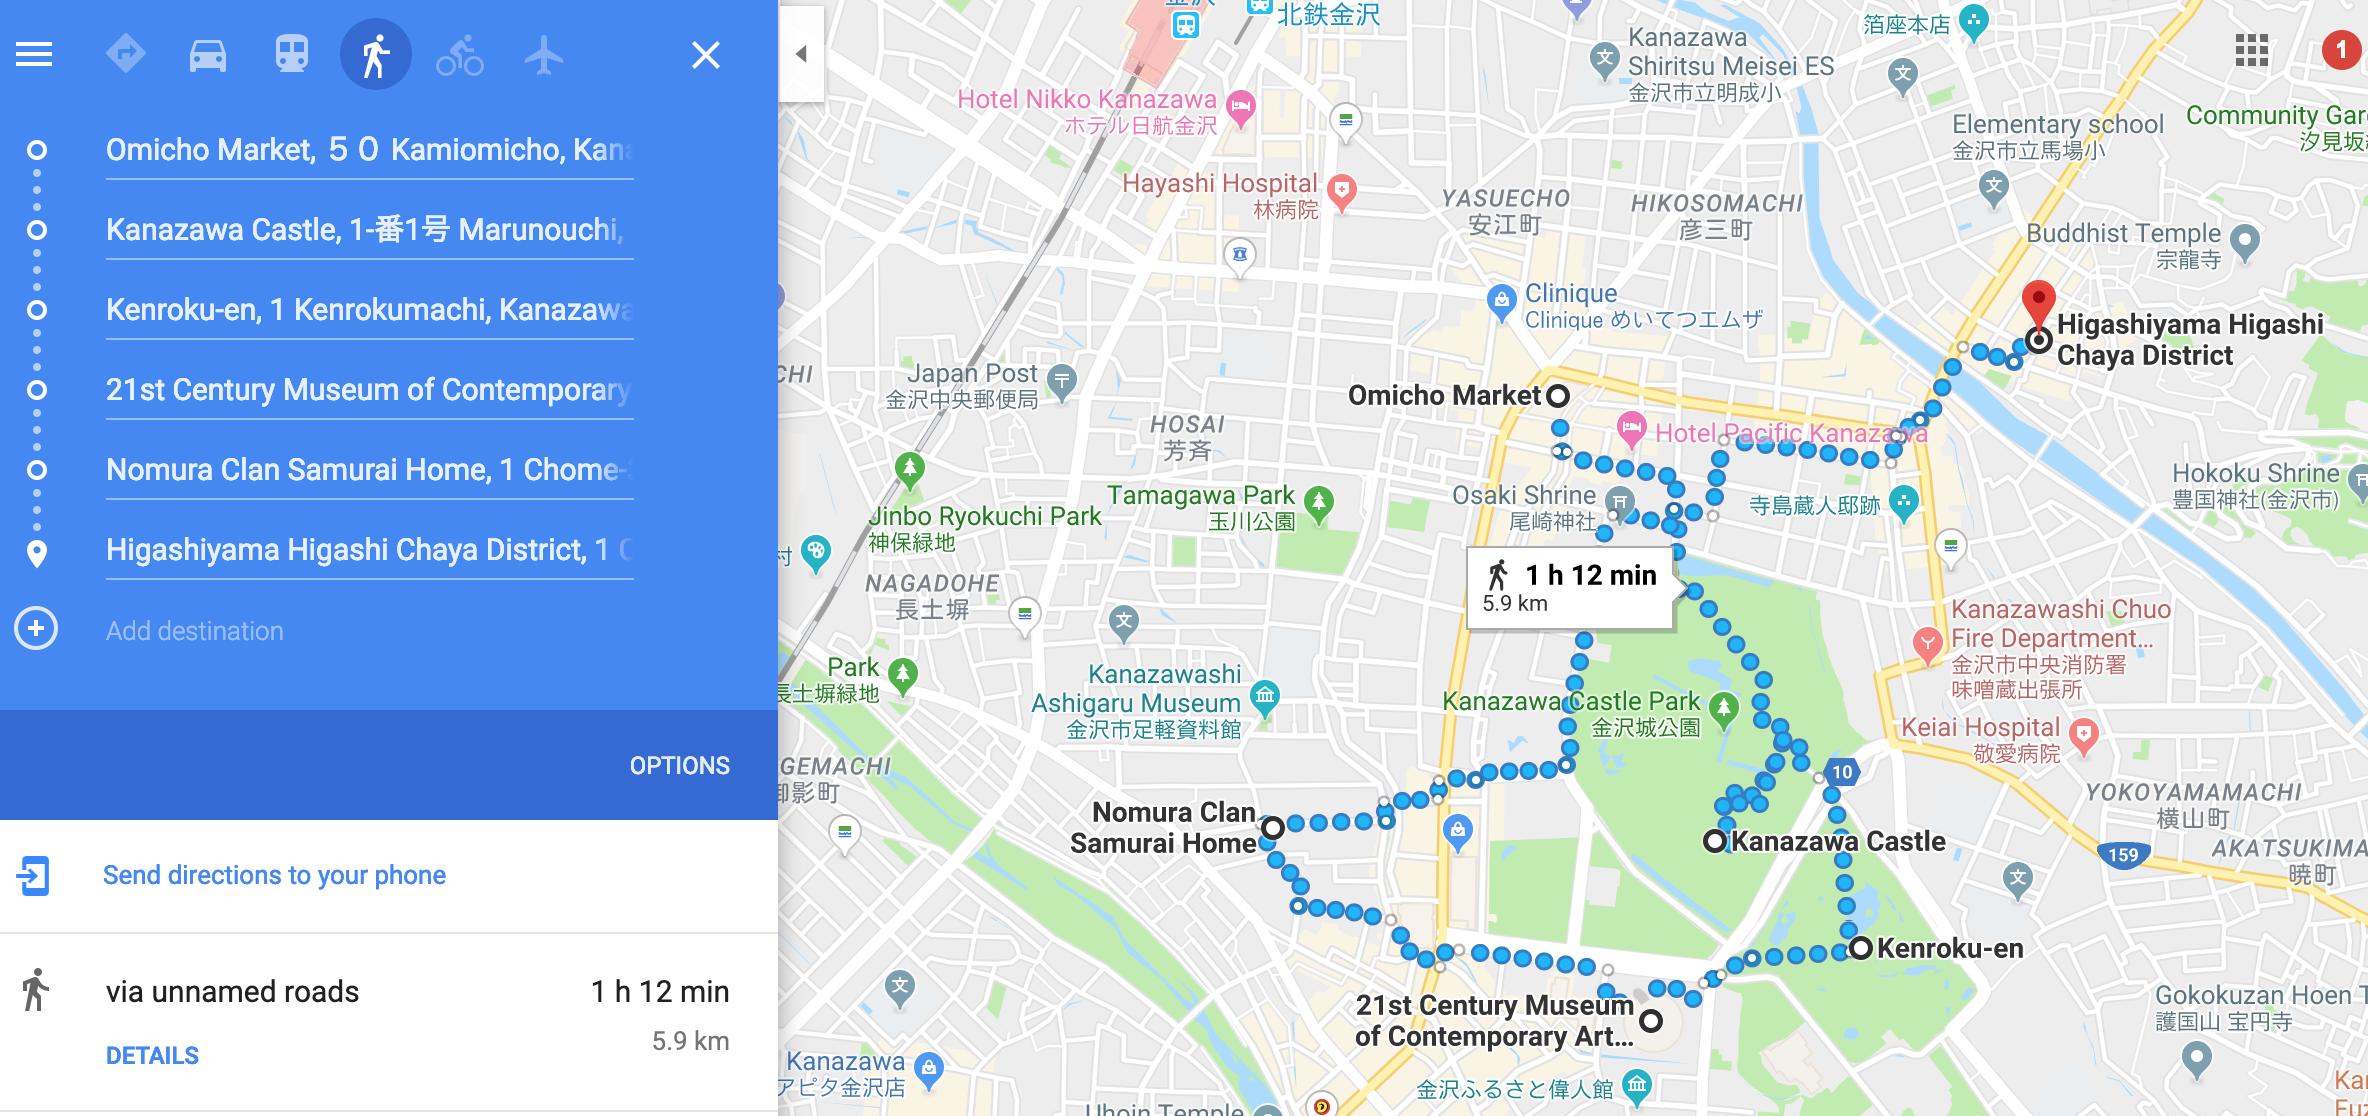 Kanazawa Walking Route